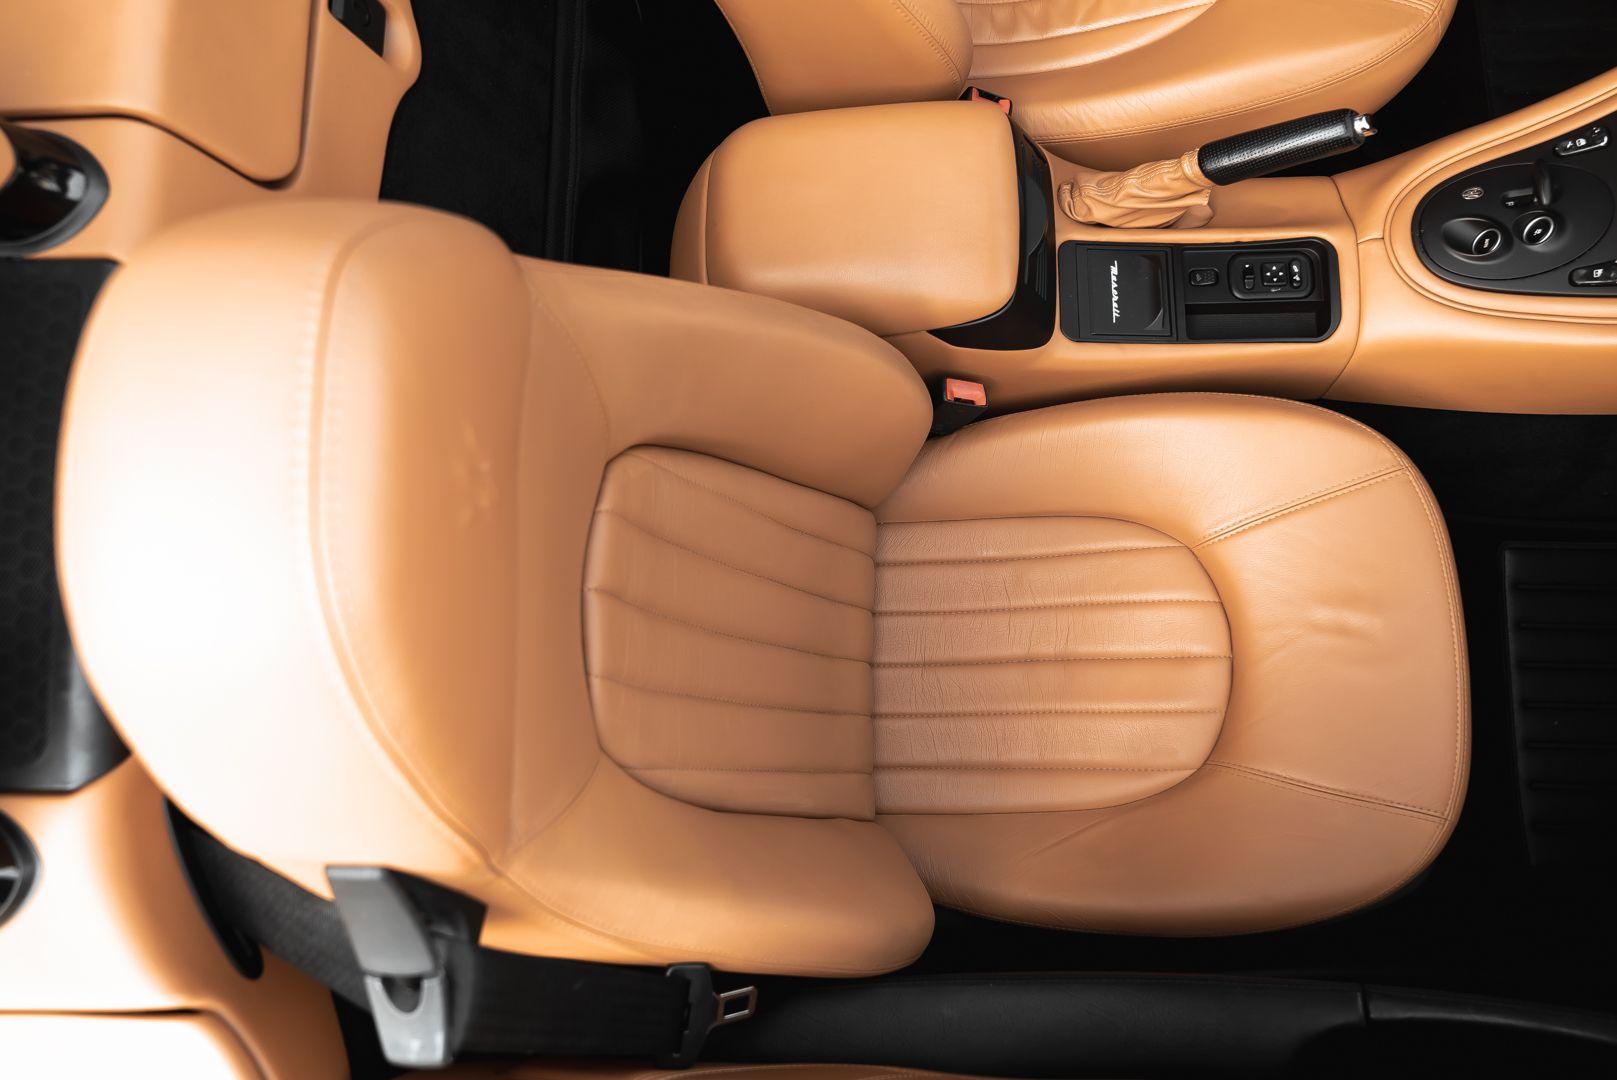 2003 Maserati Spyder 4.2 Cambiocorsa 82960